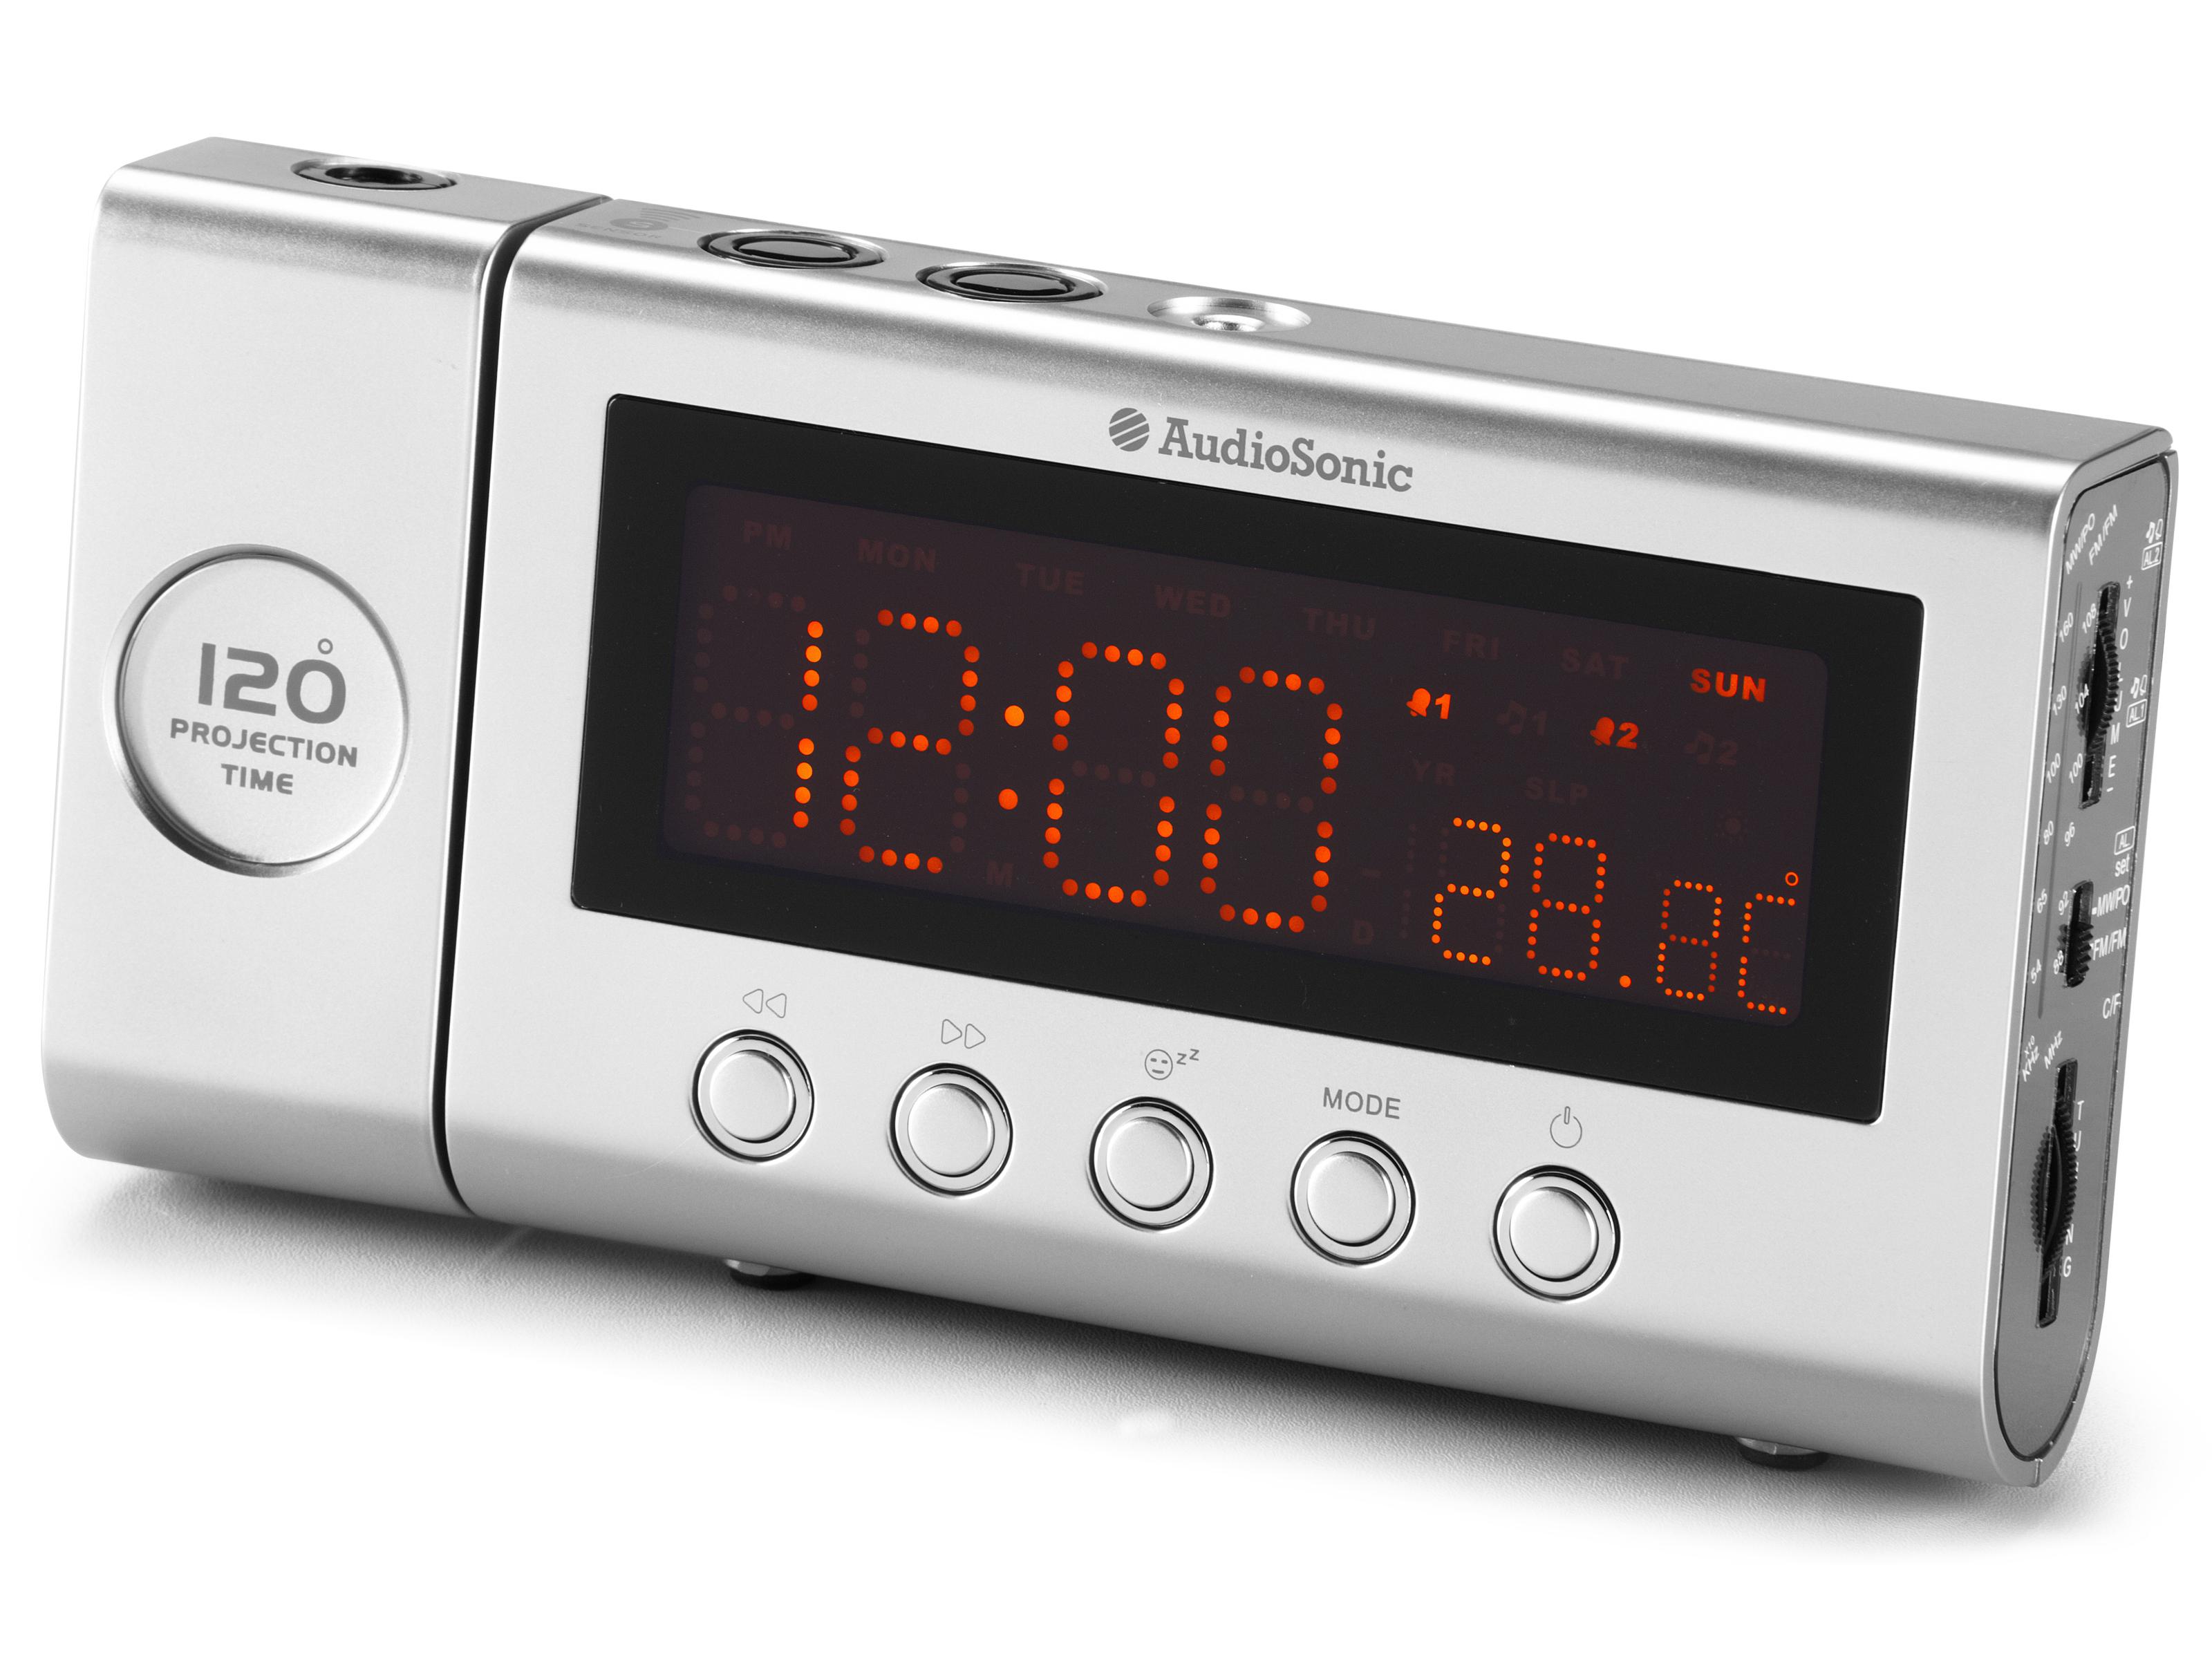 AudioSonic CL 471 Orologio Analogico Argento radio